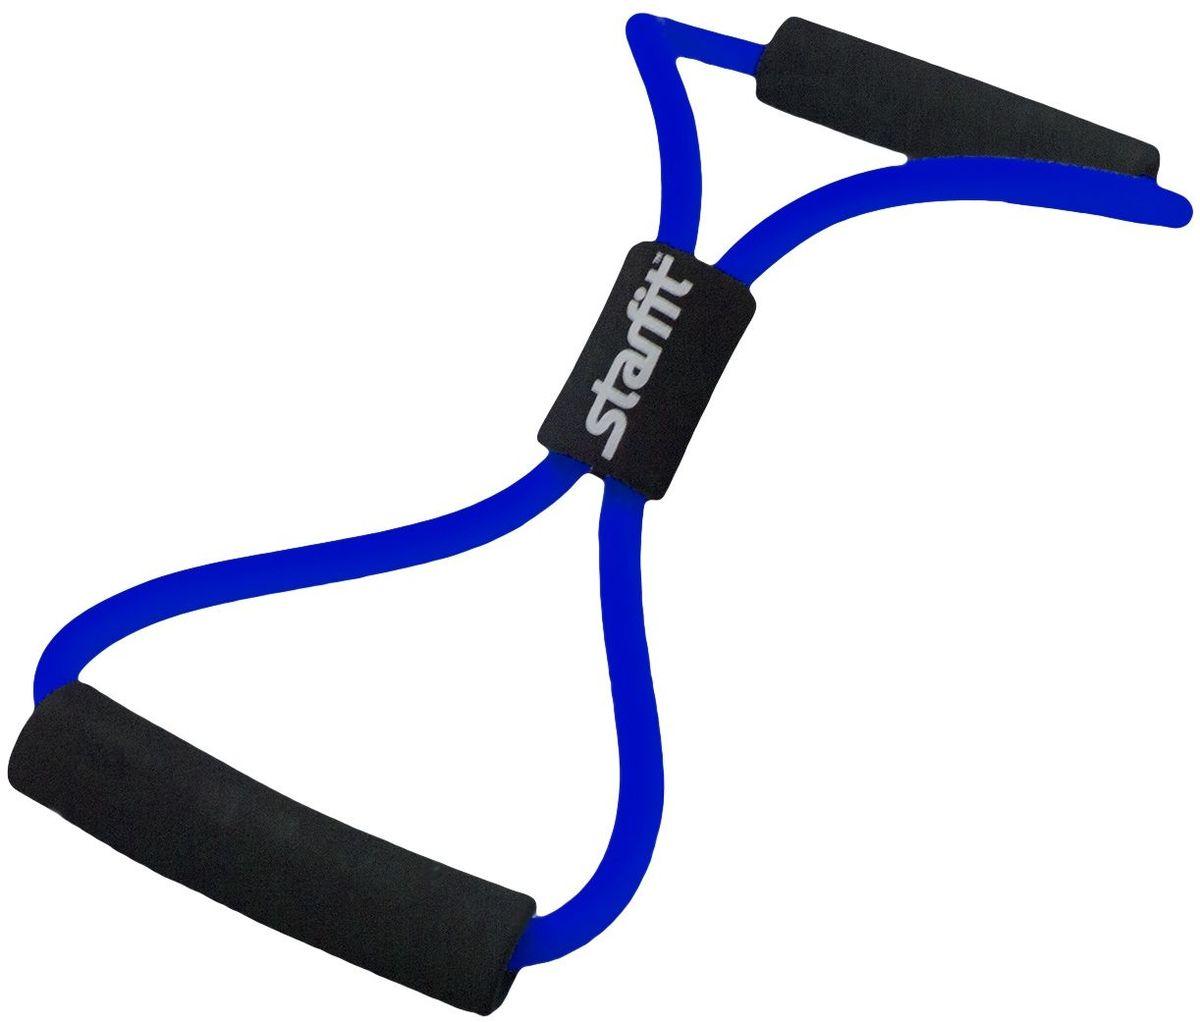 Эспандер многофункциональный Starfit ES-603, цвет: синий, 0,8 х 1,2 х 100 см эспандер многофункциональный starfit es 602 0 4 х 1 4 х 140 см